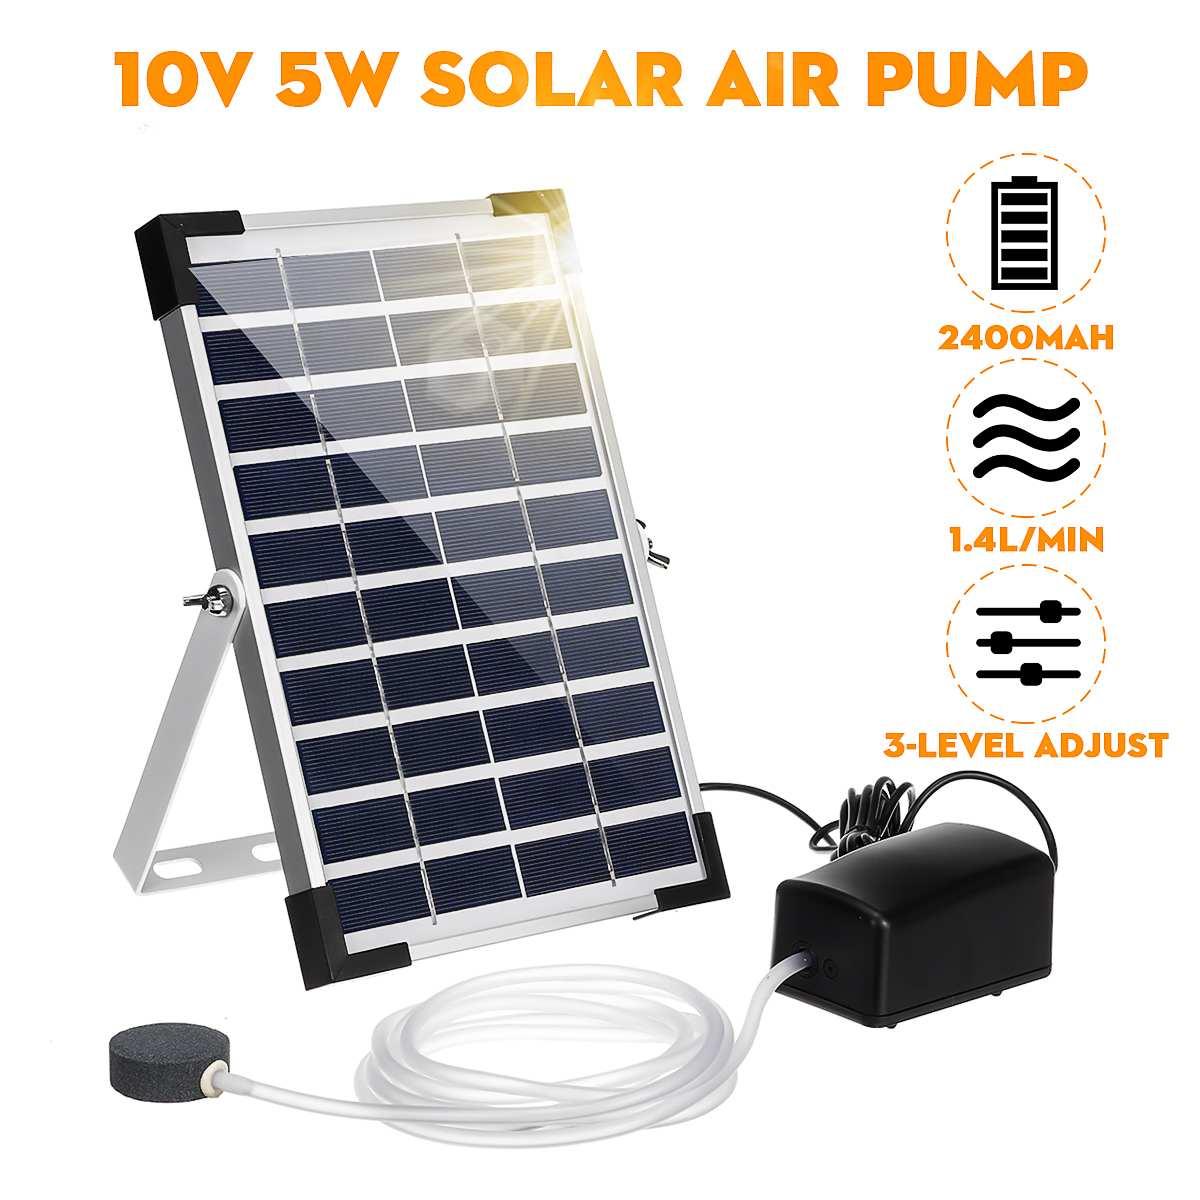 10 в 5 Вт Солнечный кислородный генератор воды мини аквариумный воздушный насос завод Рыба кислородный компрессор аэратор Air Maker